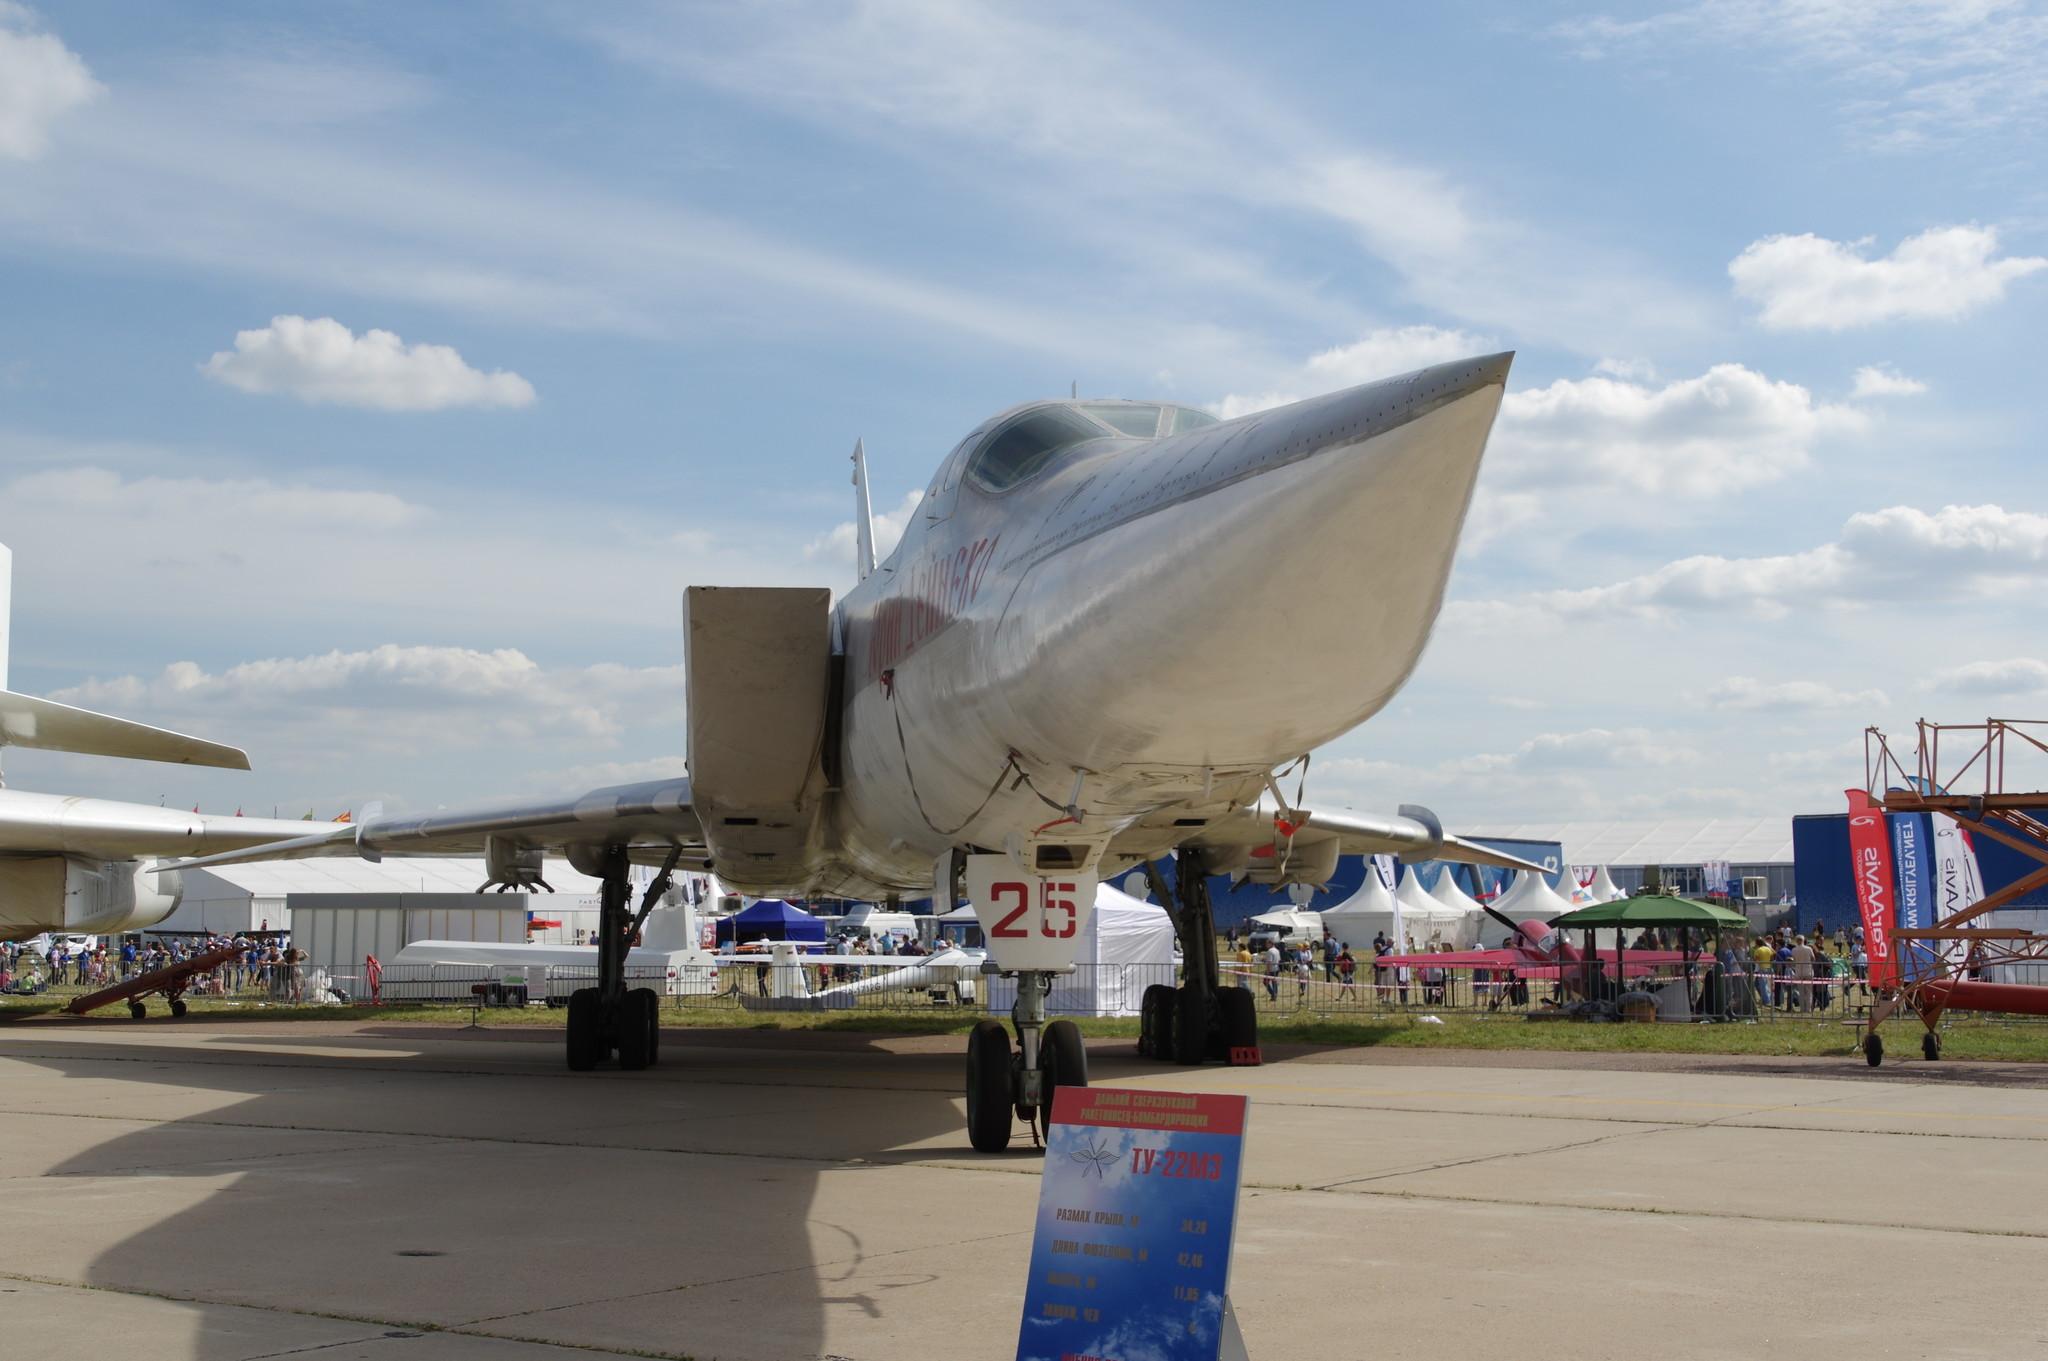 Дальний сверхзвуковой ракетоносец-бомбардировщик с крылом изменяемой стреловидности Ту-22М3